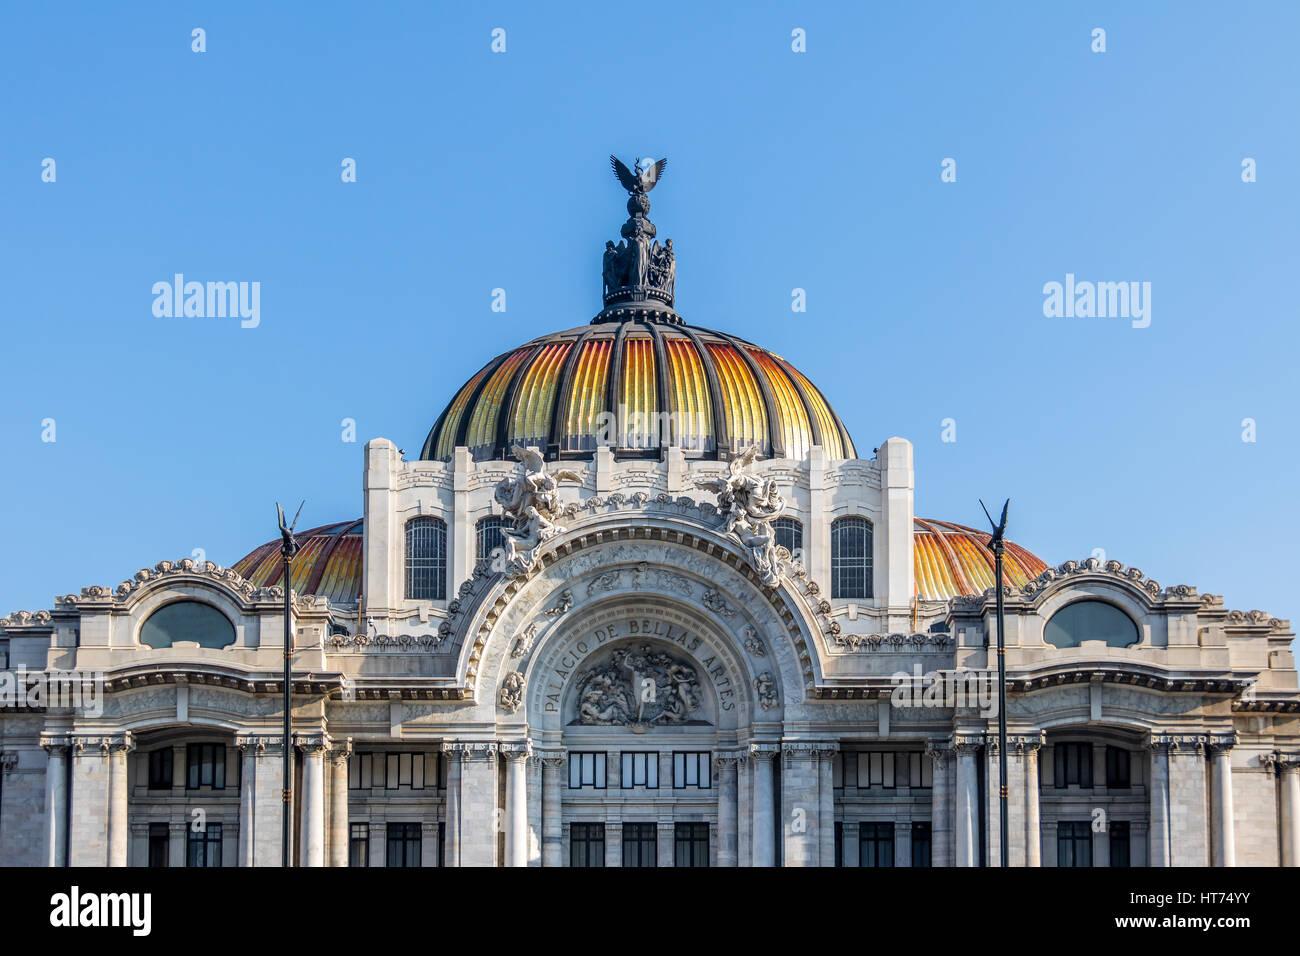 Palacio de Bellas Artes (Palais des Beaux-Arts) - Mexico City, Mexique Photo Stock